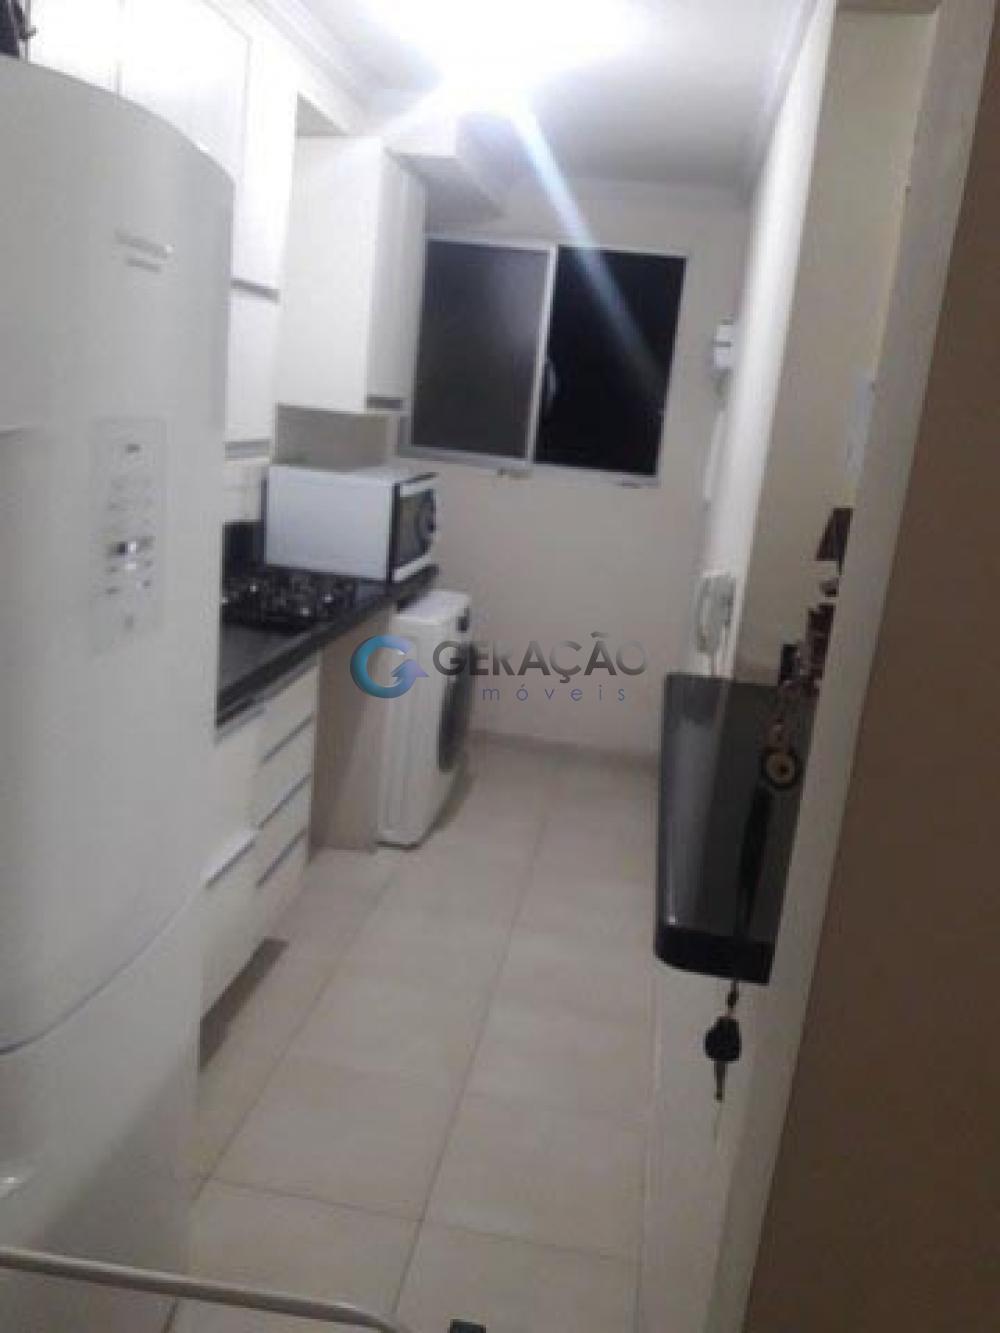 Comprar Apartamento / Padrão em São José dos Campos R$ 187.000,00 - Foto 4